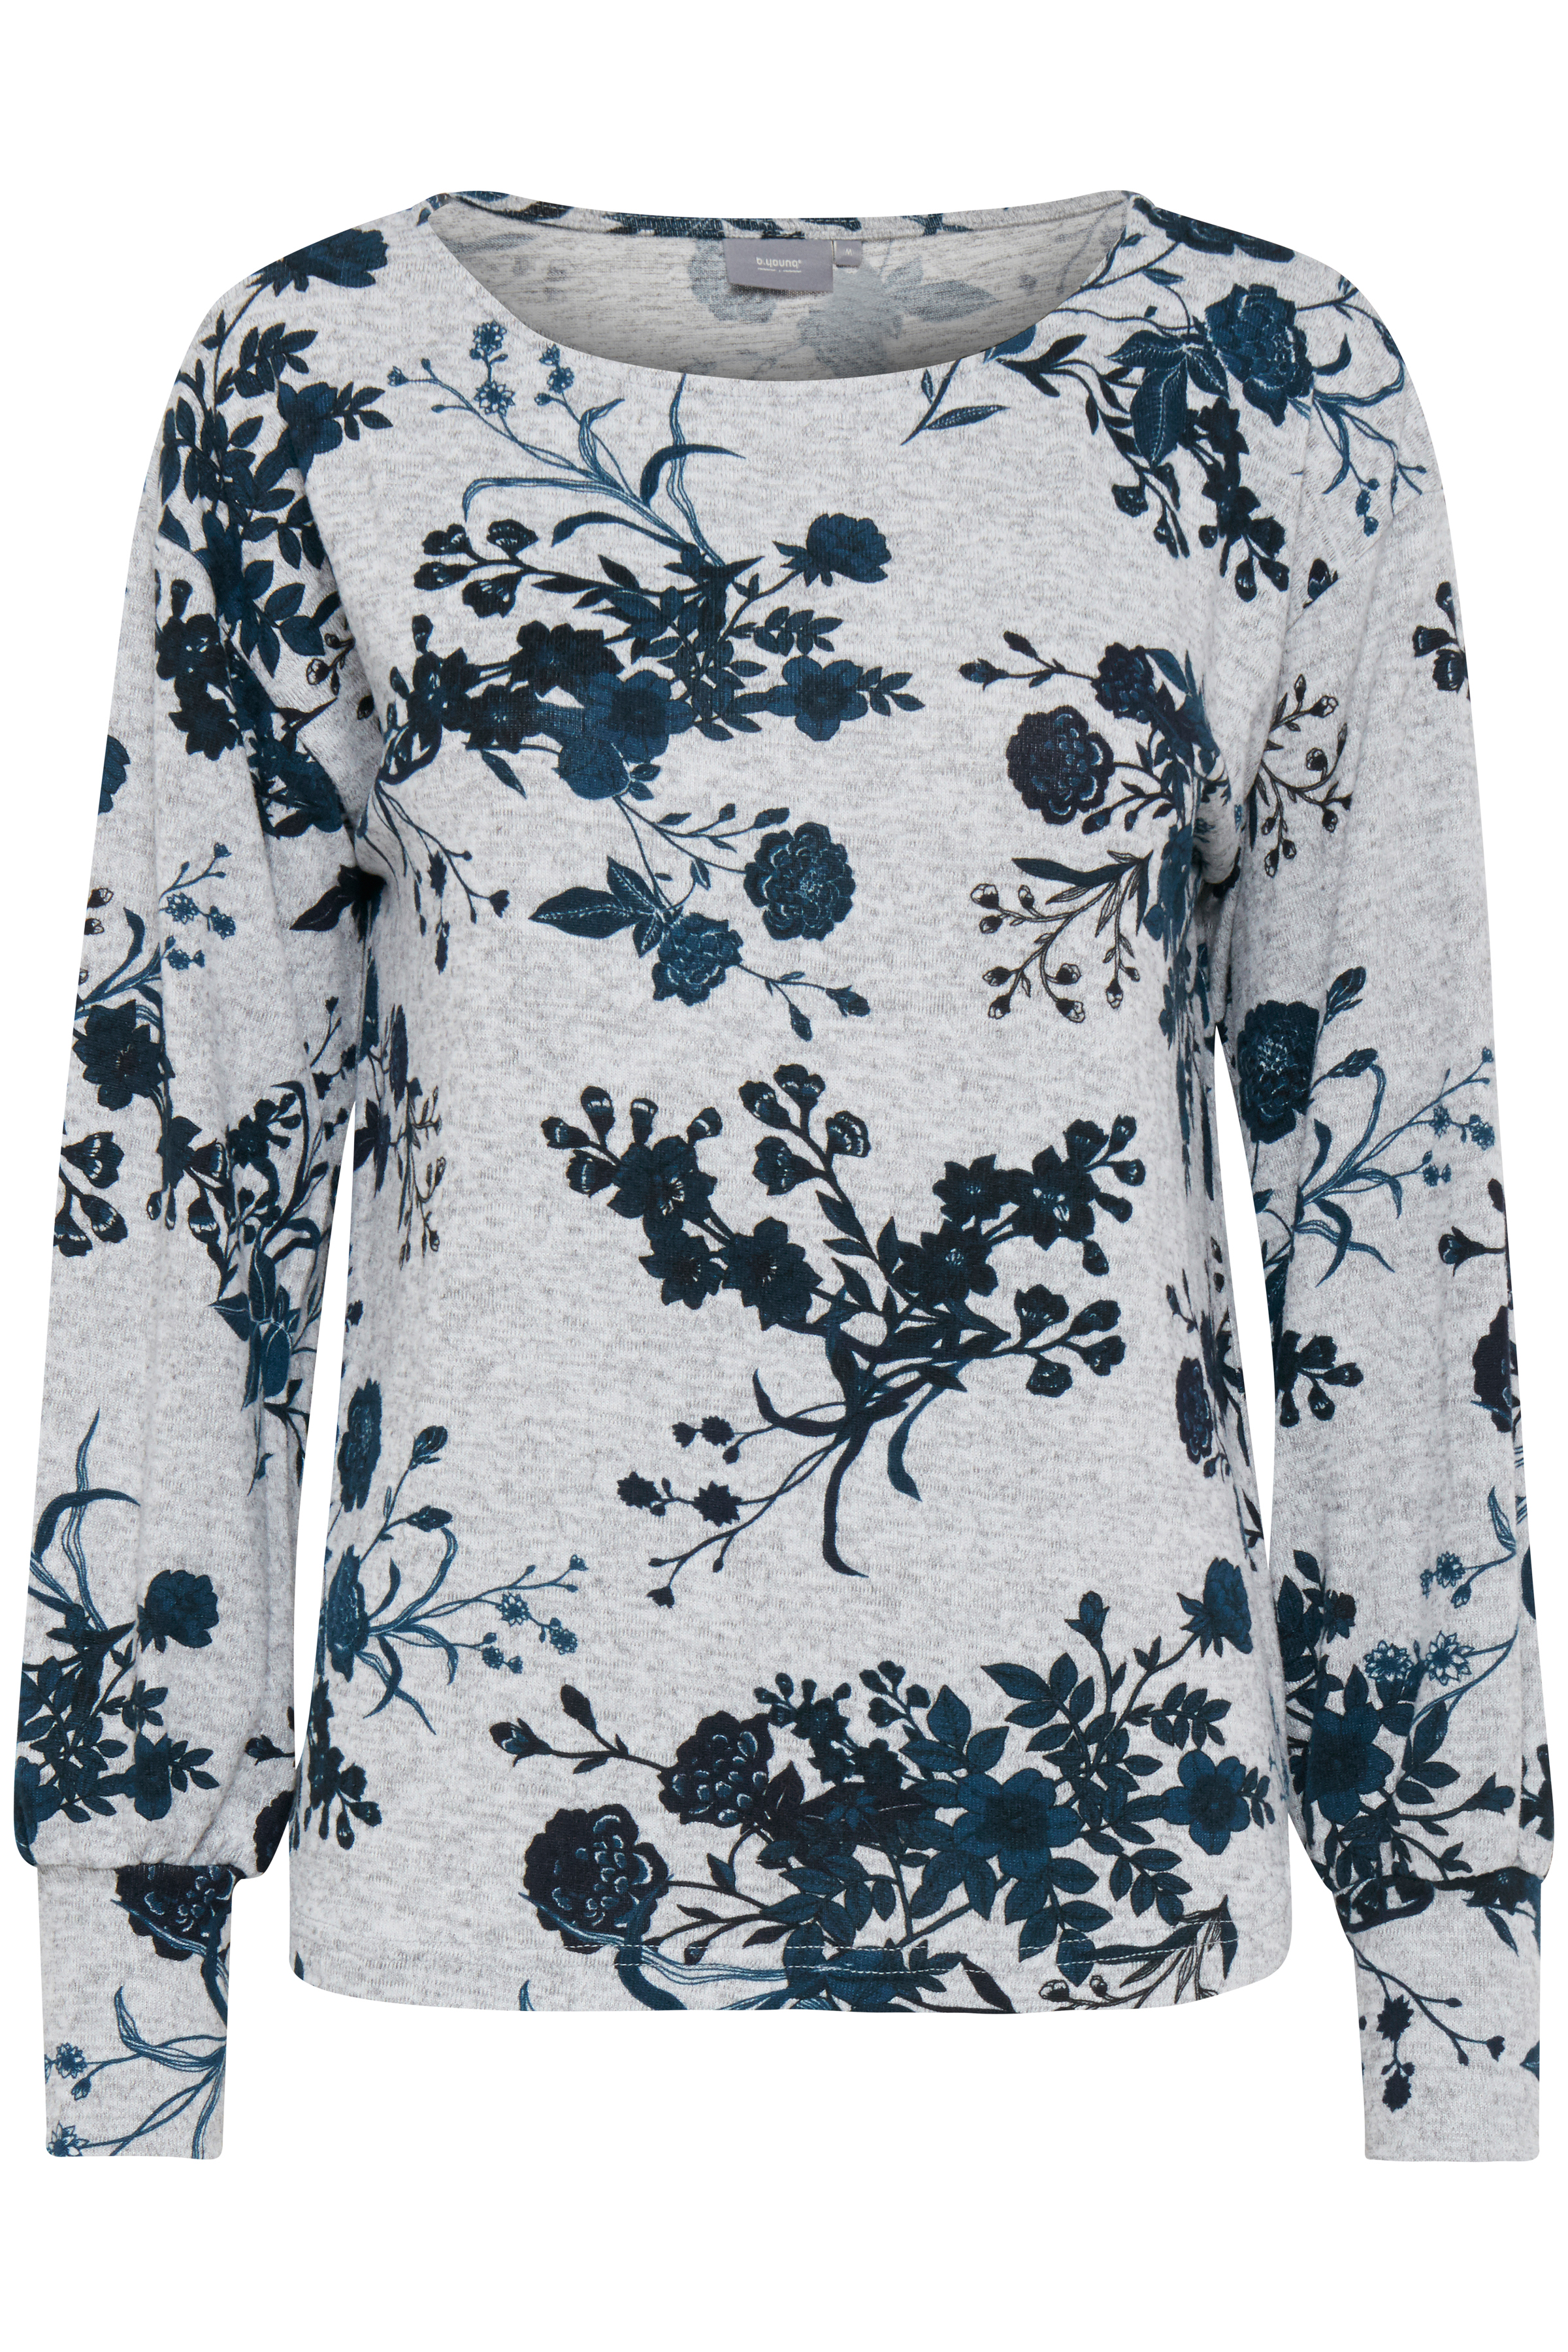 Teal combi 1 Langermet bluse fra b.young - Kjøp Teal combi 1 Langermet bluse fra størrelse XS-XXL her